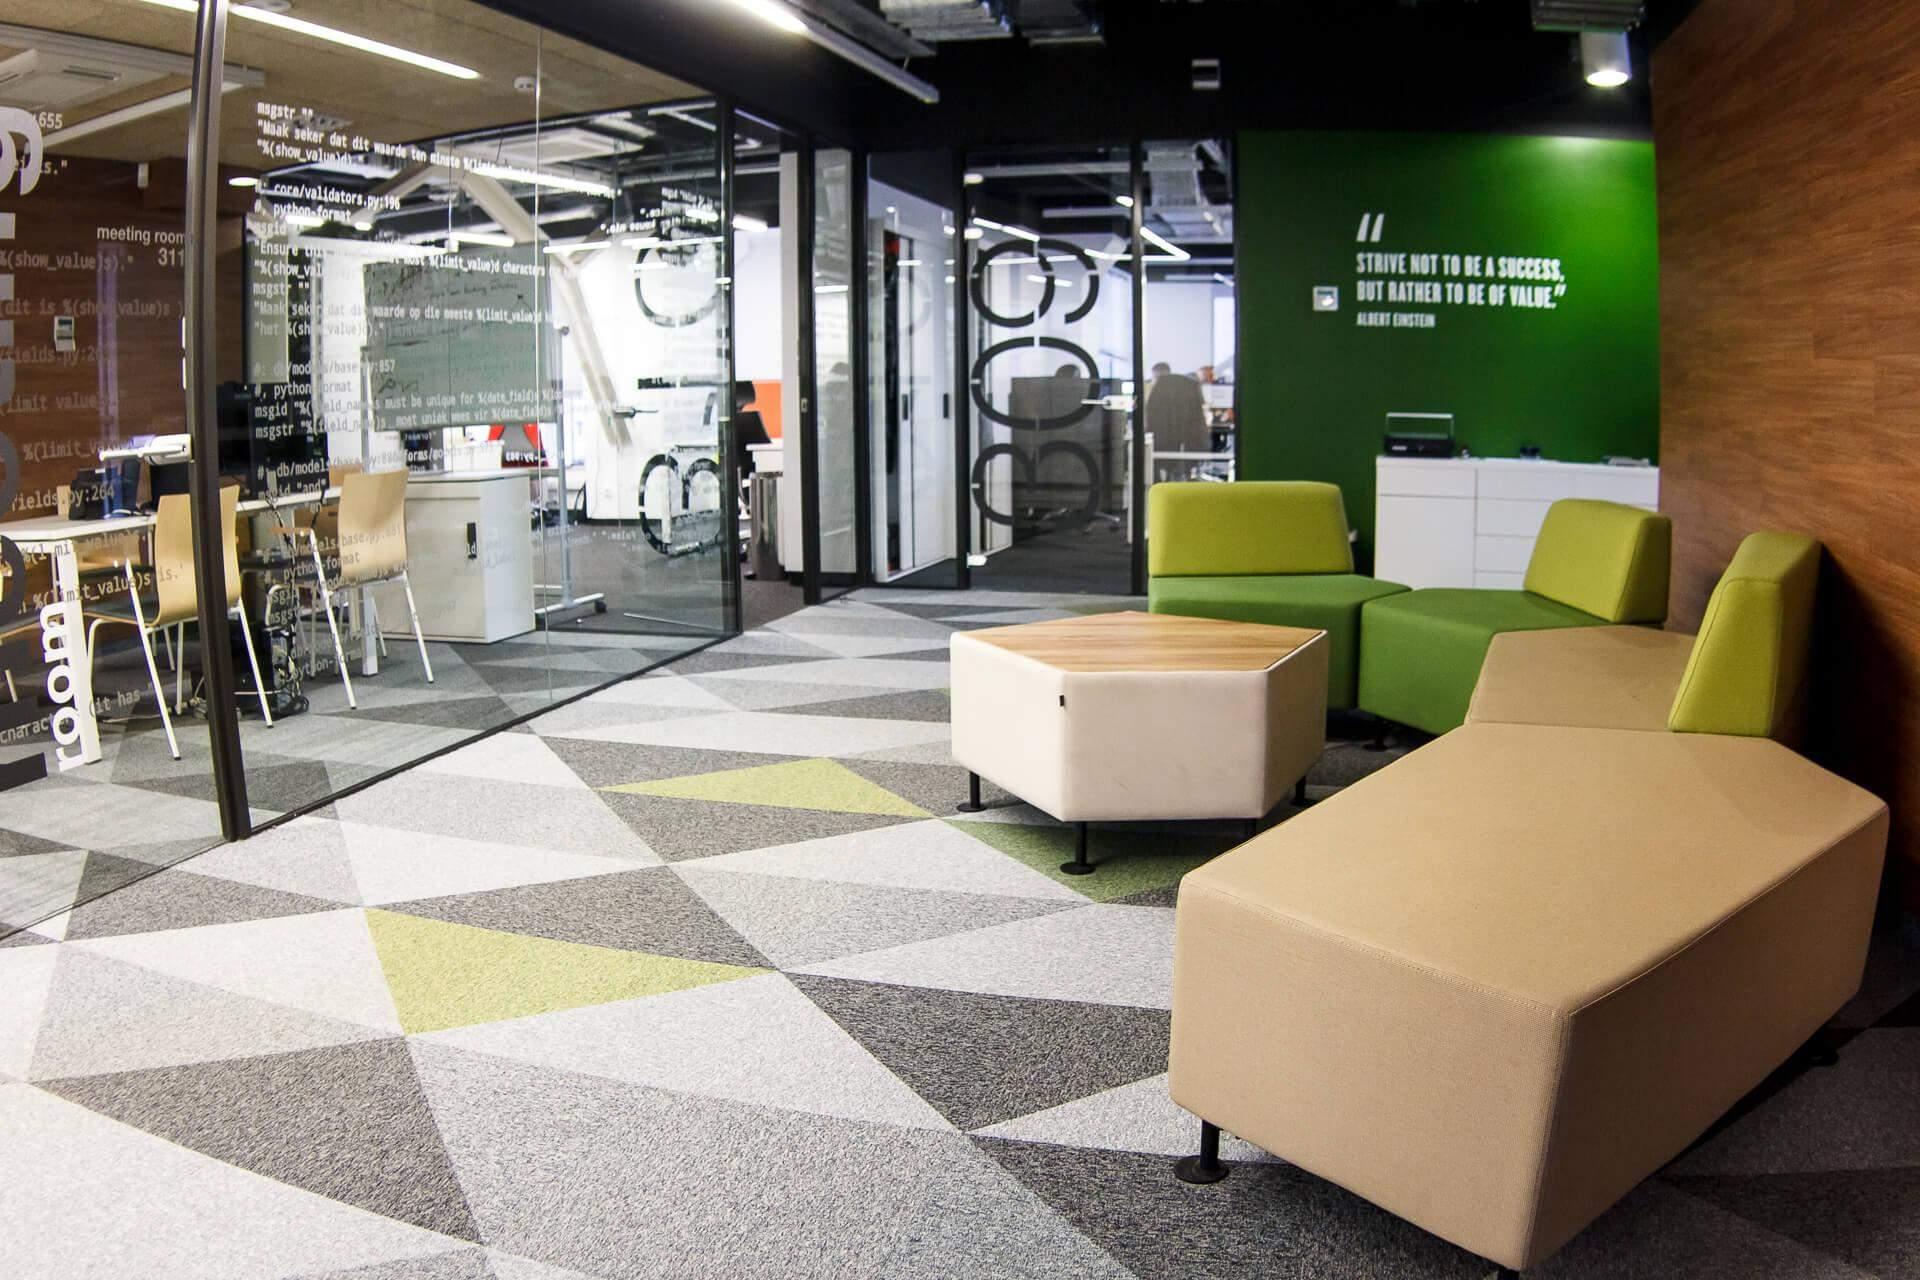 Офисные помещения SoftServe / Фото Lviv